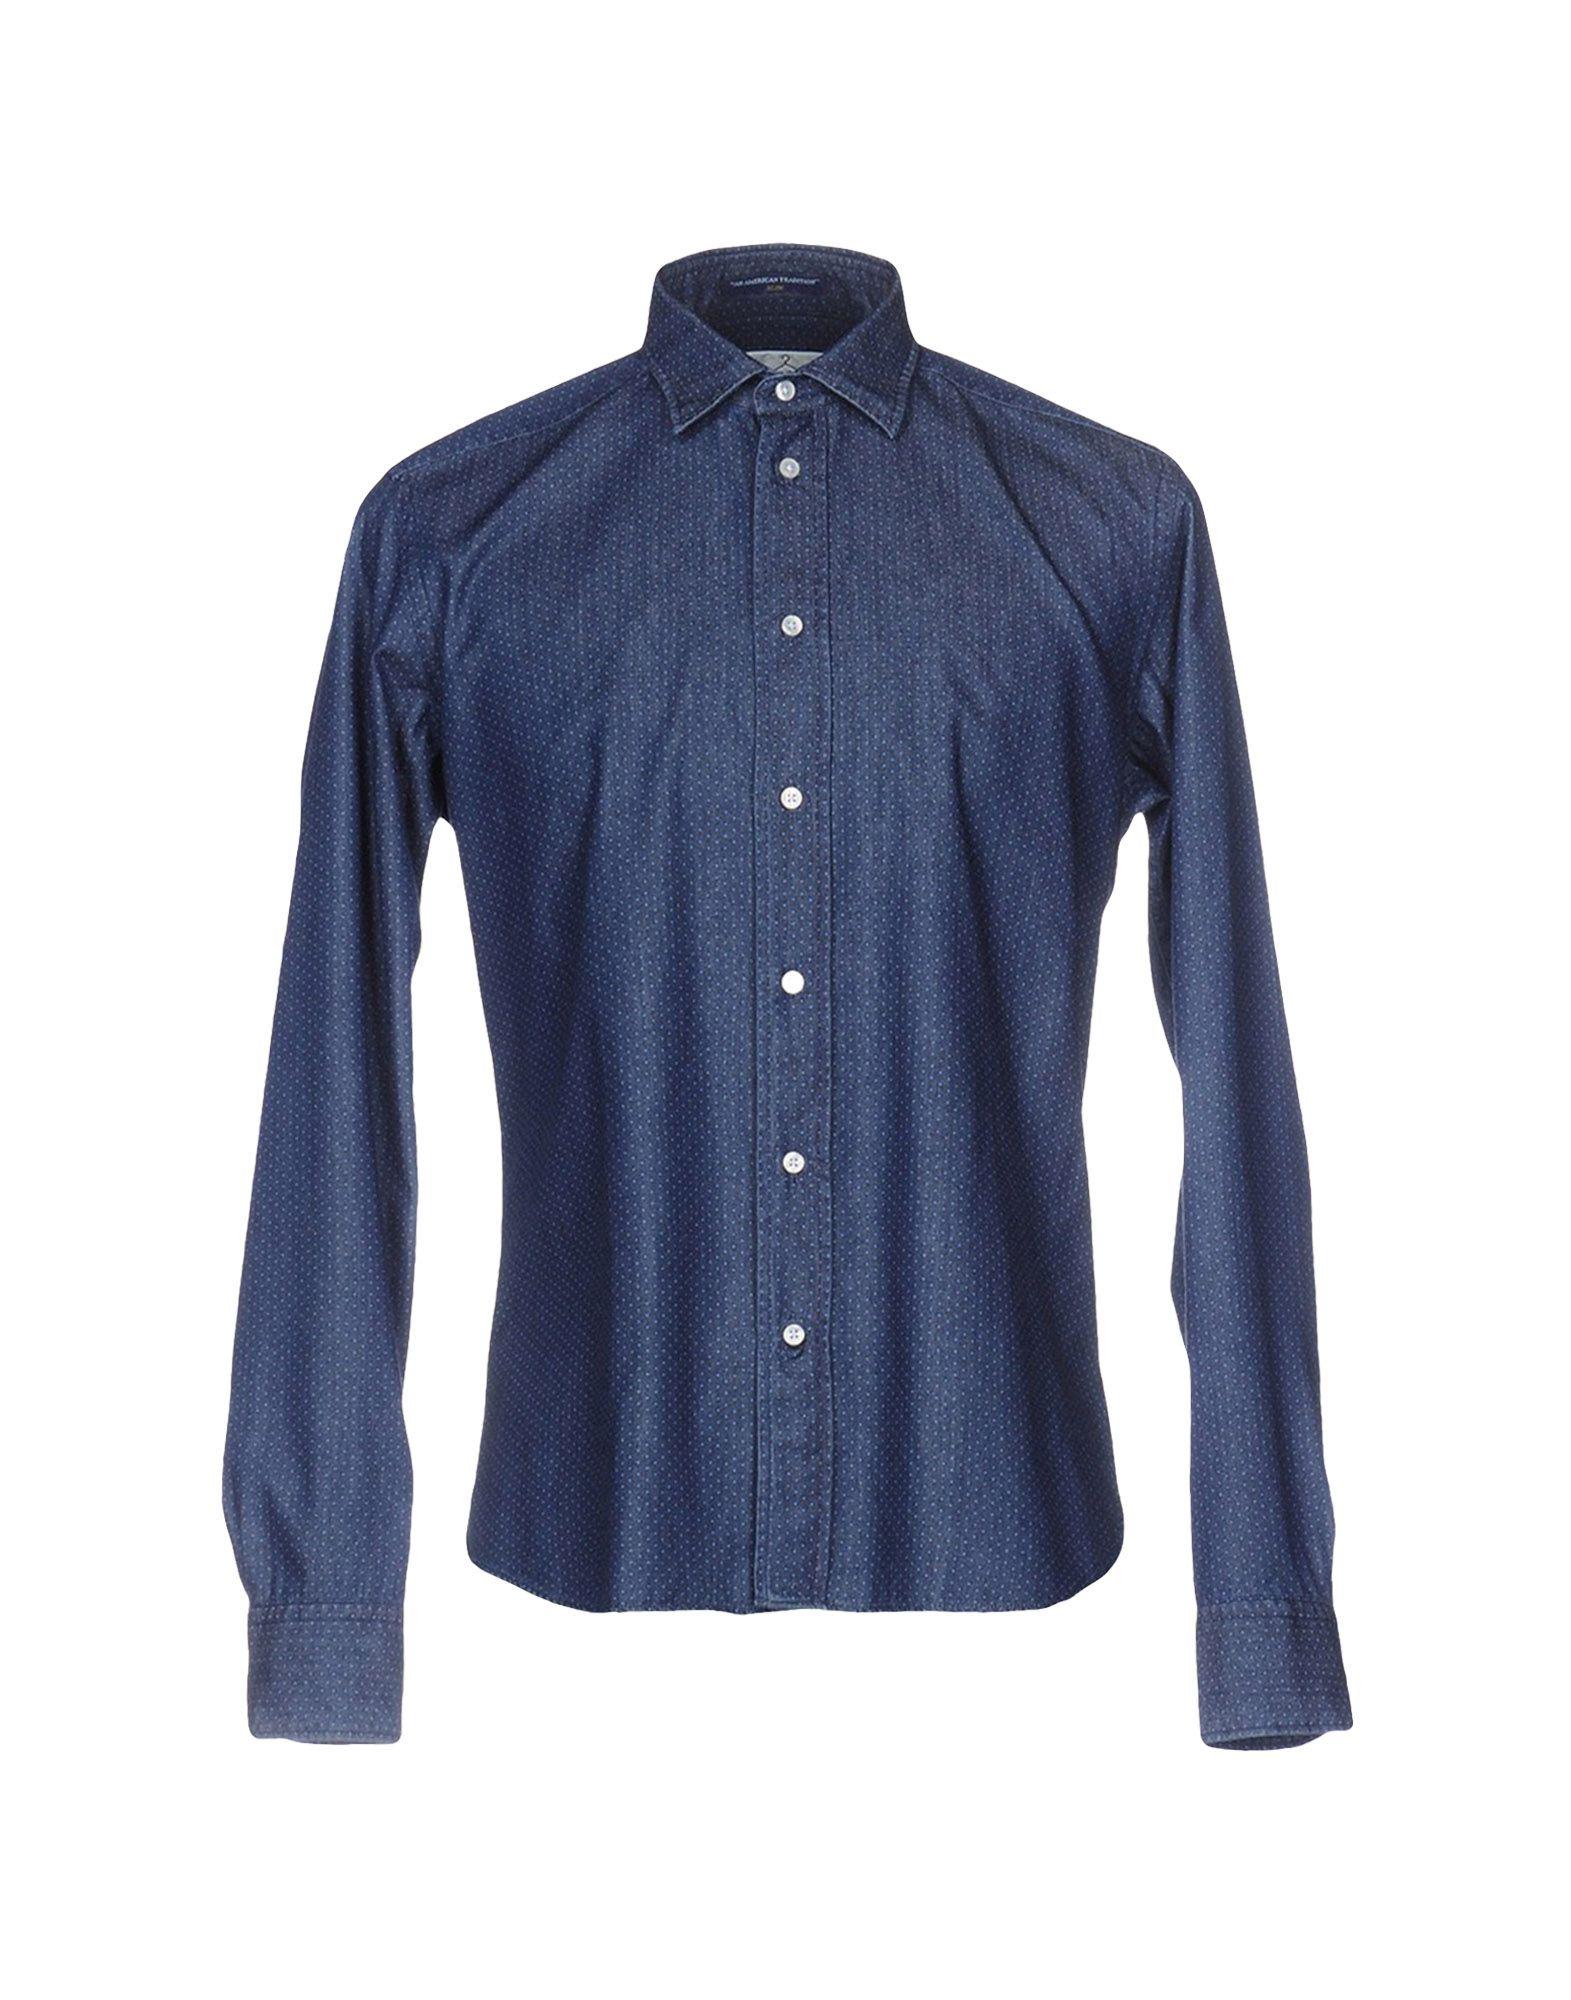 B.D.BAGGIES Джинсовая рубашка рубашка в мелкий горошек